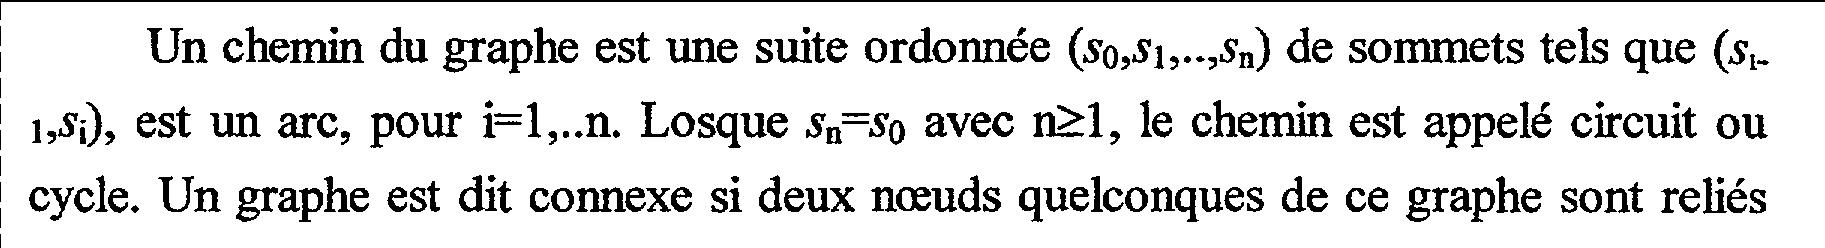 Figure img00010001